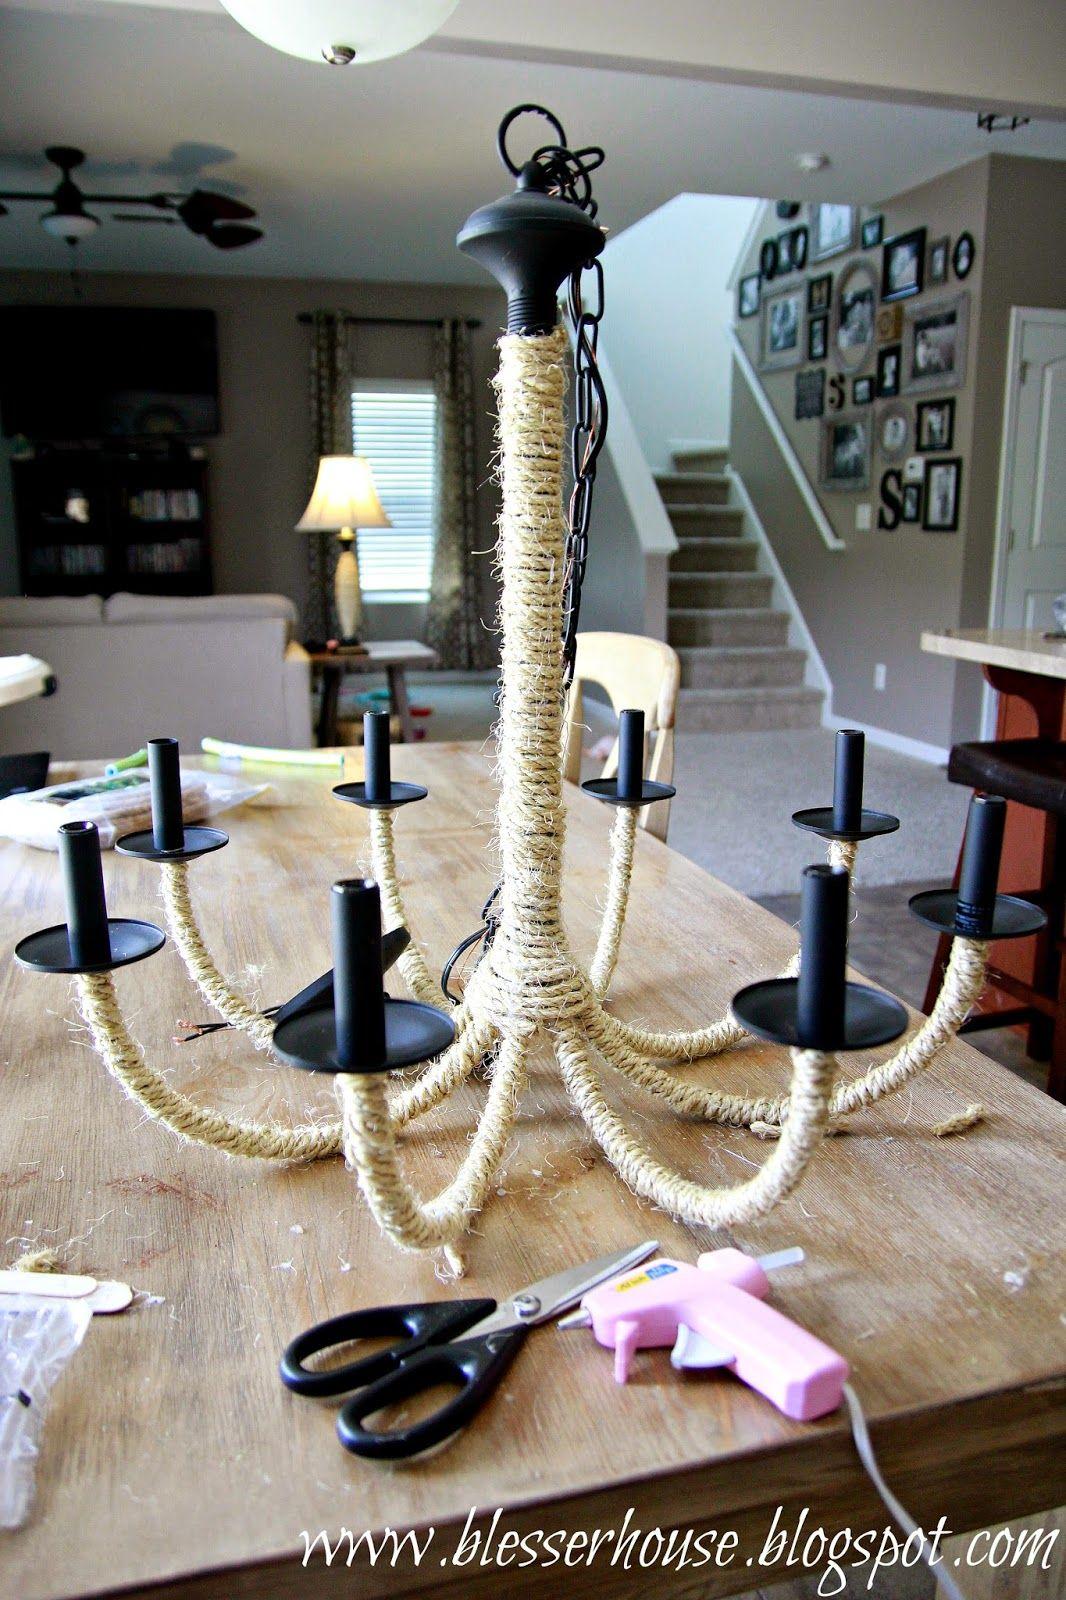 Diy Restoration Hardware Knock Off Rope Chandelier Bless Er House